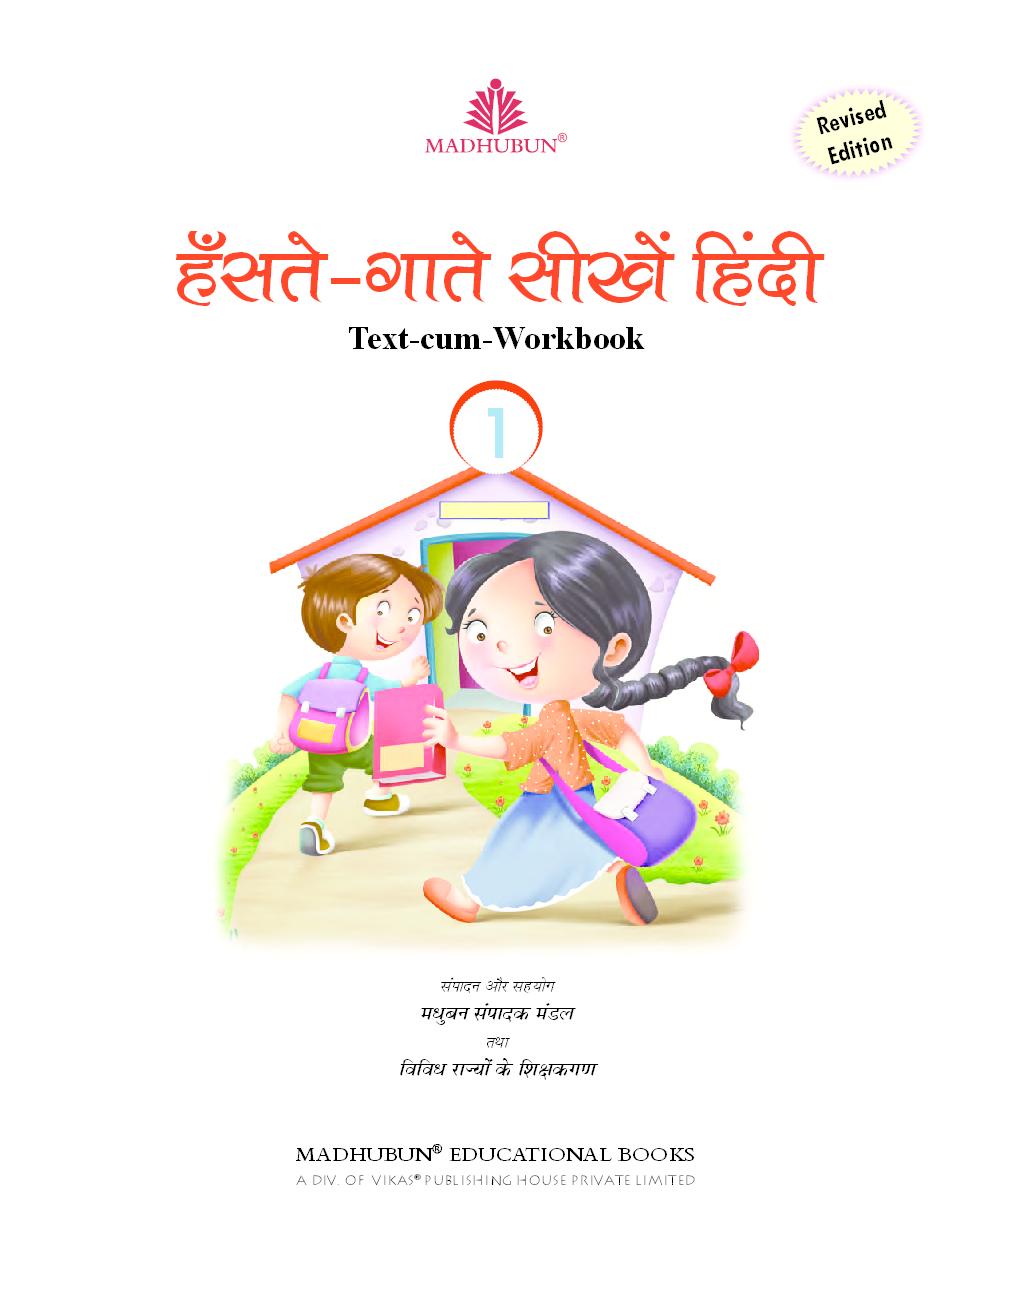 हँसते - गाते सीखें हिंदी Text-Cum - Workbook - 1 - Page 2